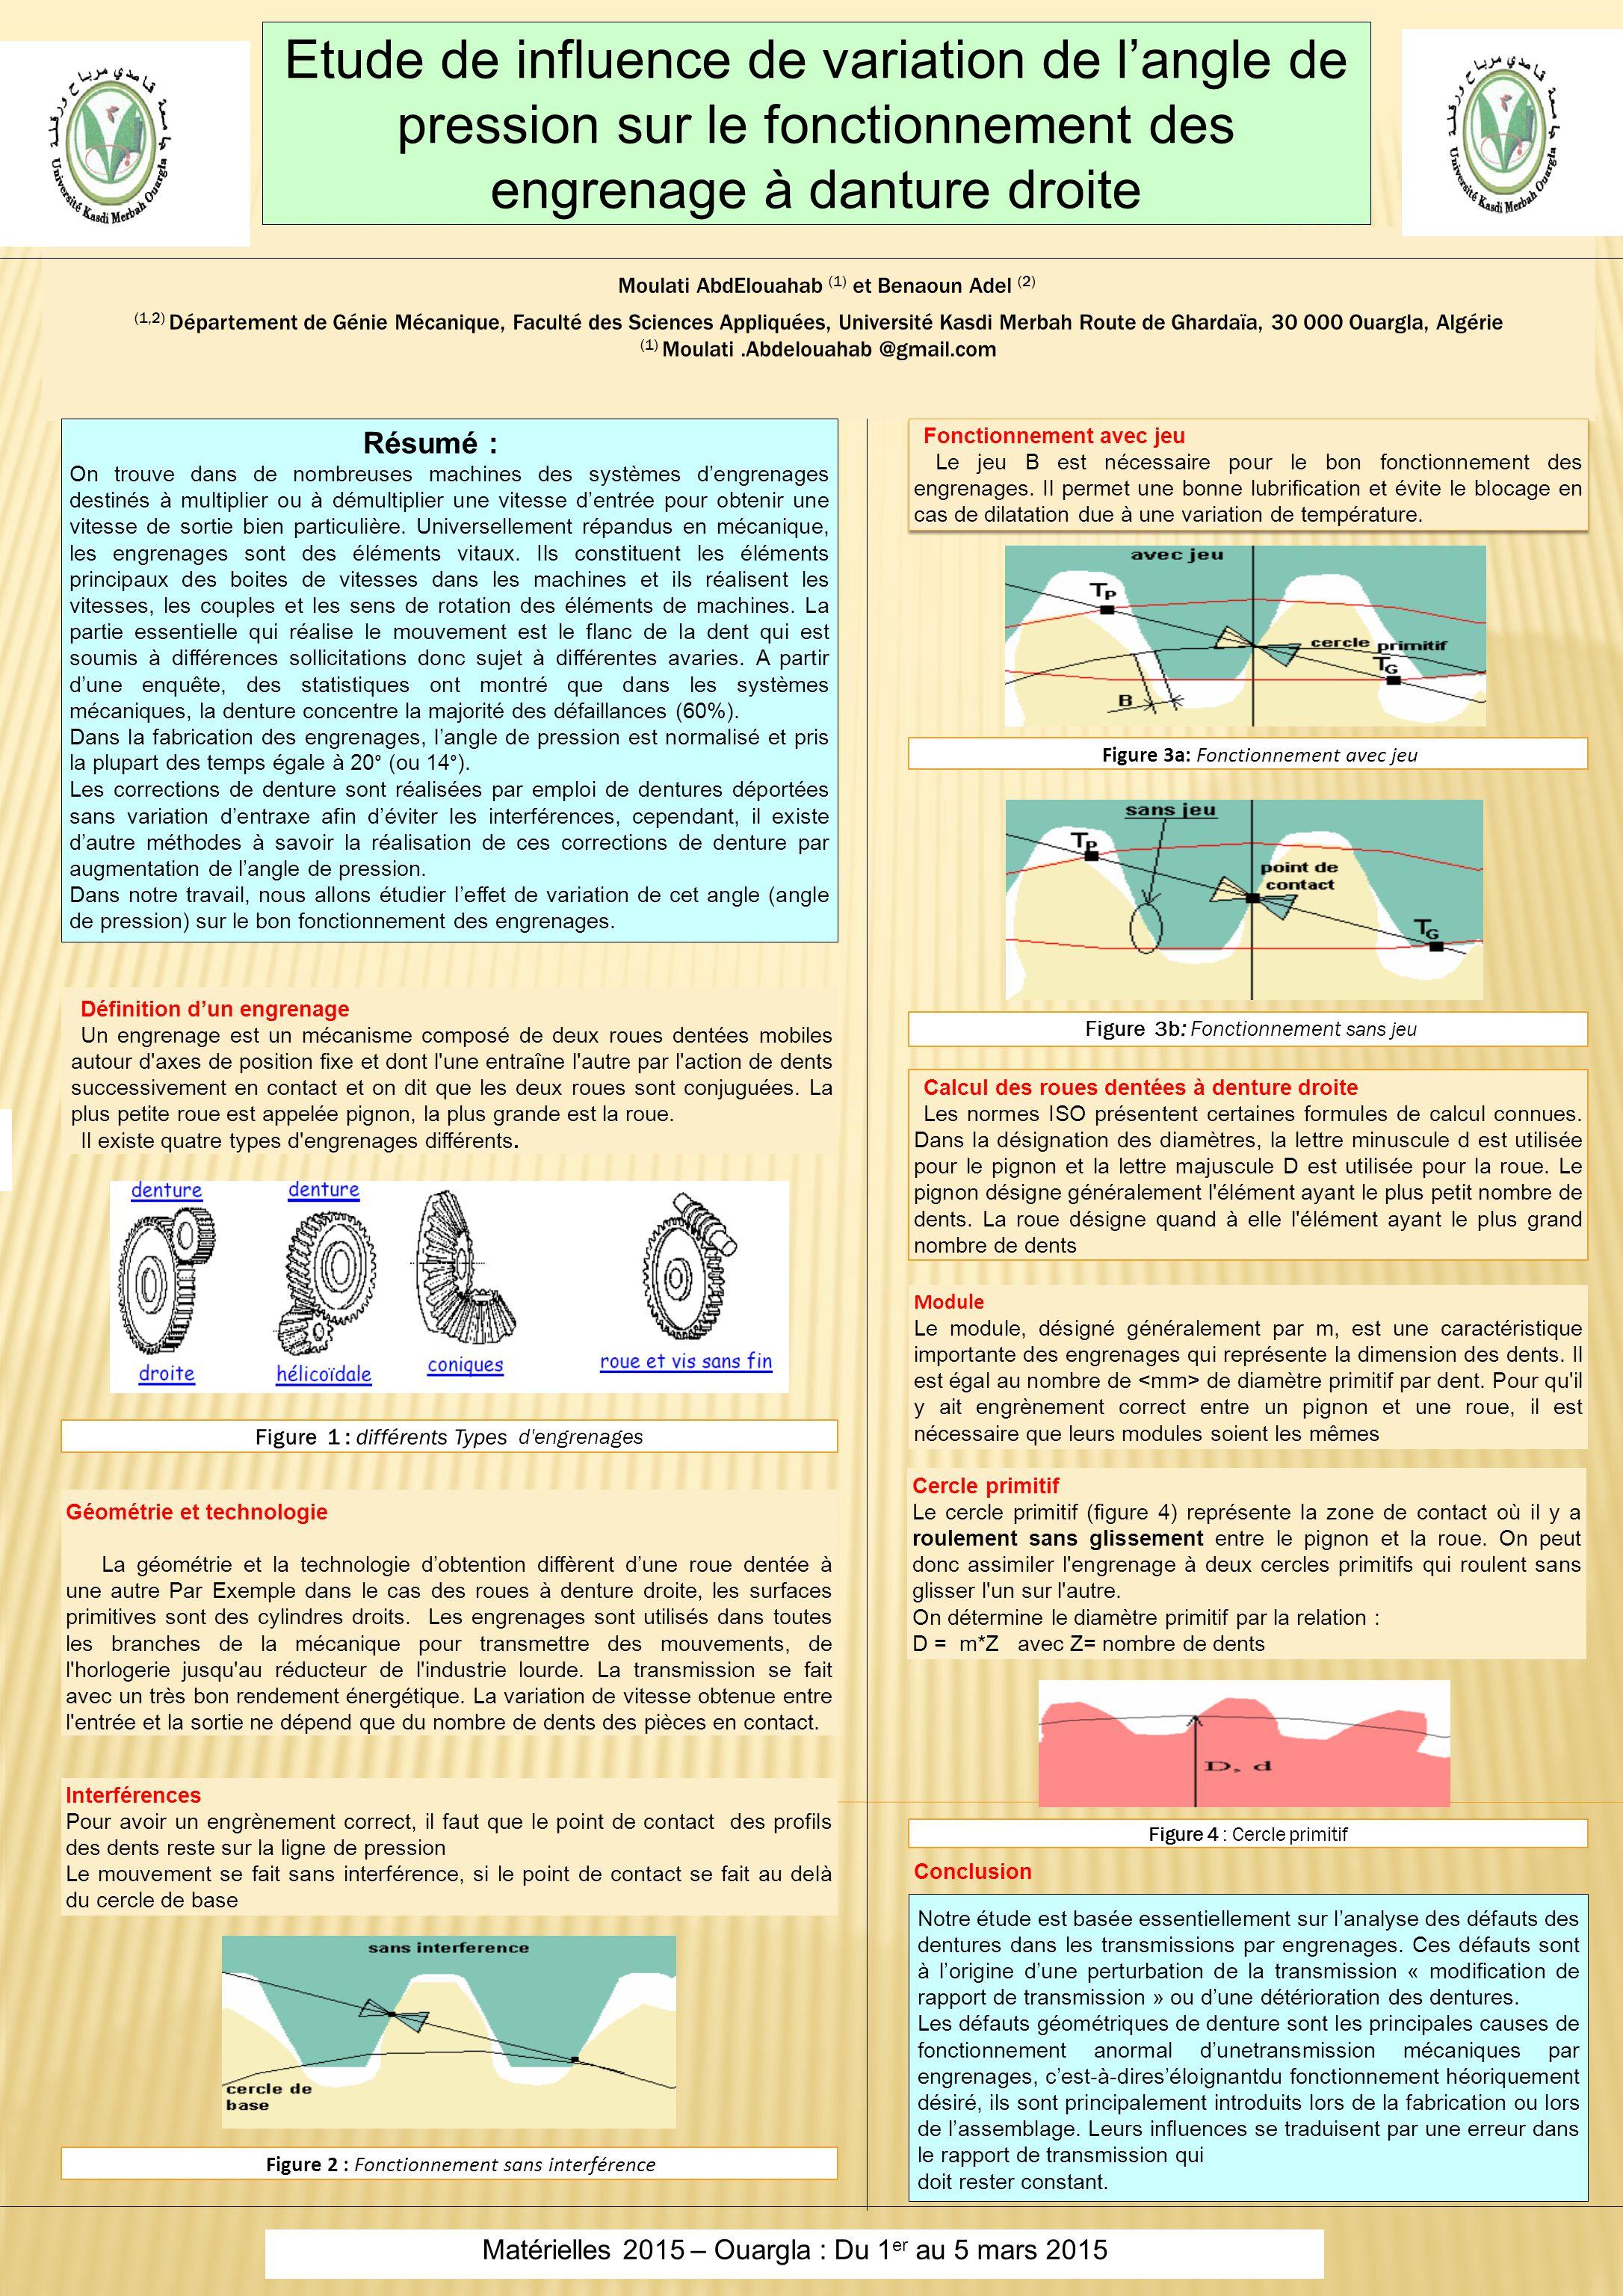 Etude de influence de variation de l'angle de pression sur le fonctionnement des engrenage à danture droite Moulati AbdElouahab (1) et Benaoun Adel (2) (1,2) Département de Génie Mécanique, Faculté des Sciences Appliquées, Université Kasdi Merbah Route de Ghardaïa, 30 000 Ouargla, Algérie (1) Moulati.Abdelouahab @gmail.com 1.